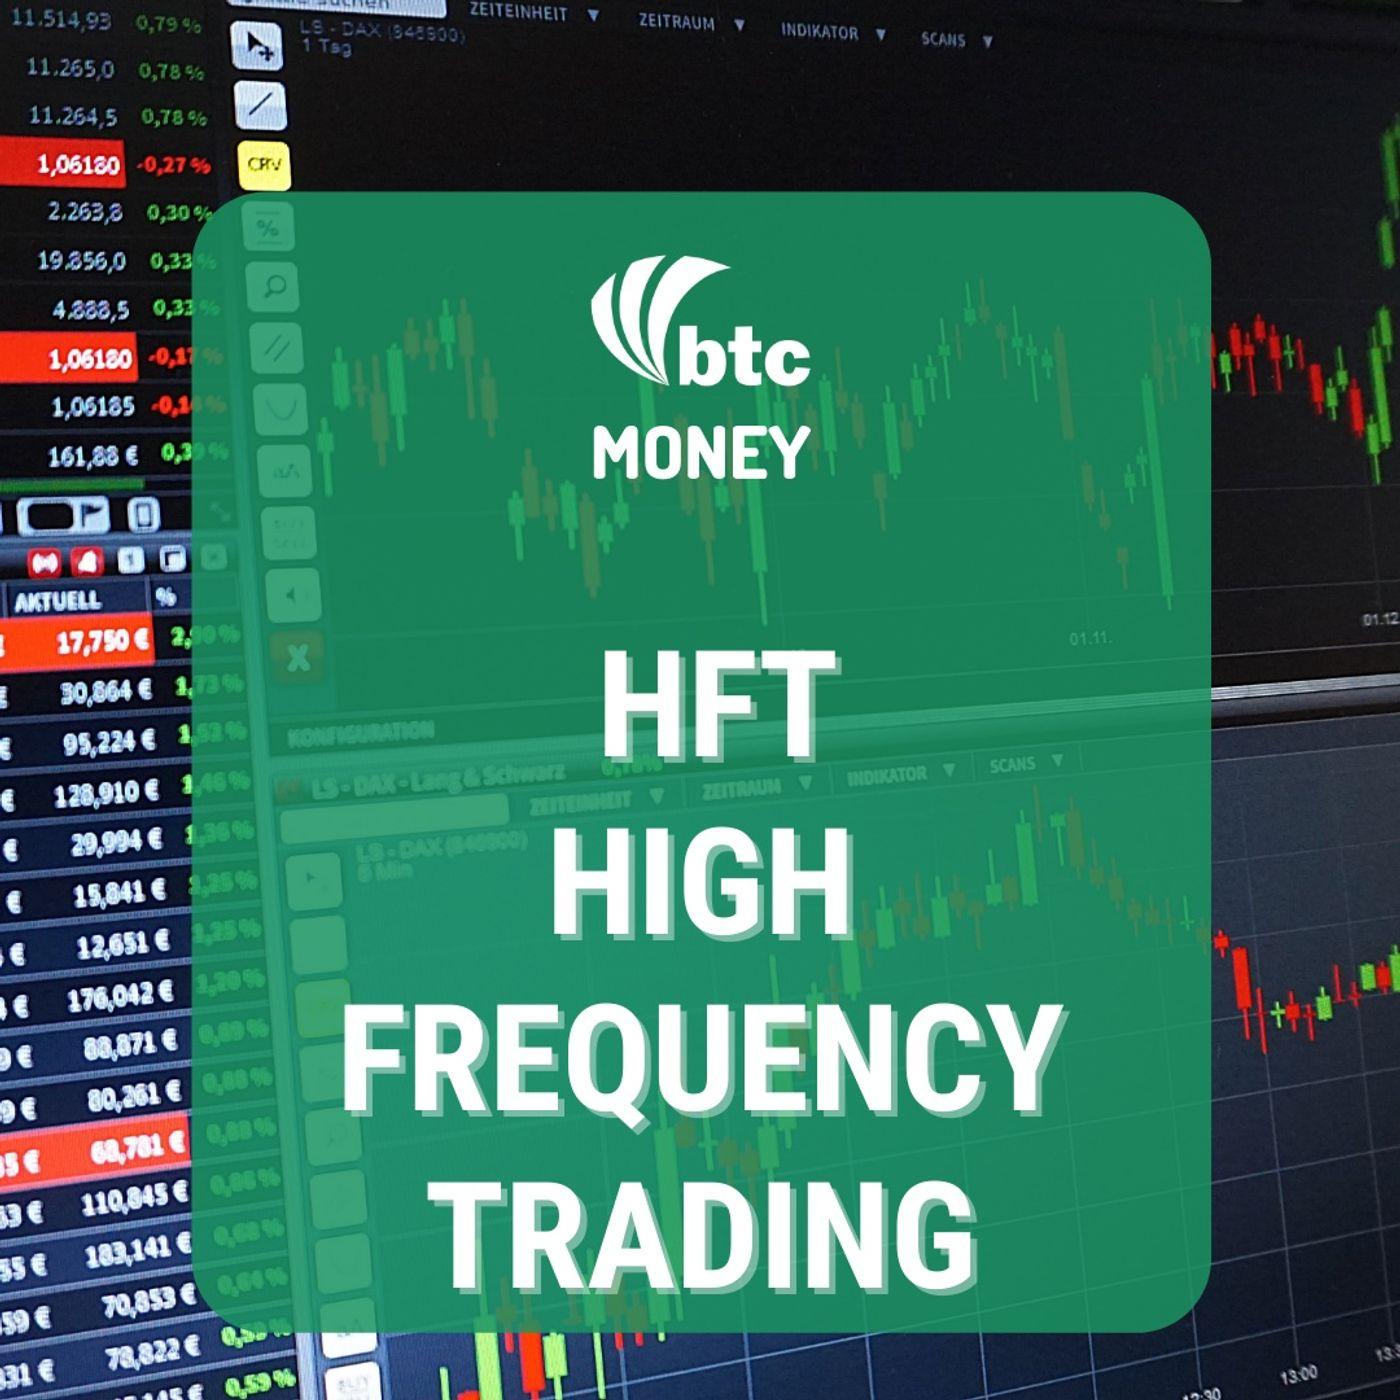 High Frequency Trading (HFT): Como funciona e qual o objetivo   BTC Money #72